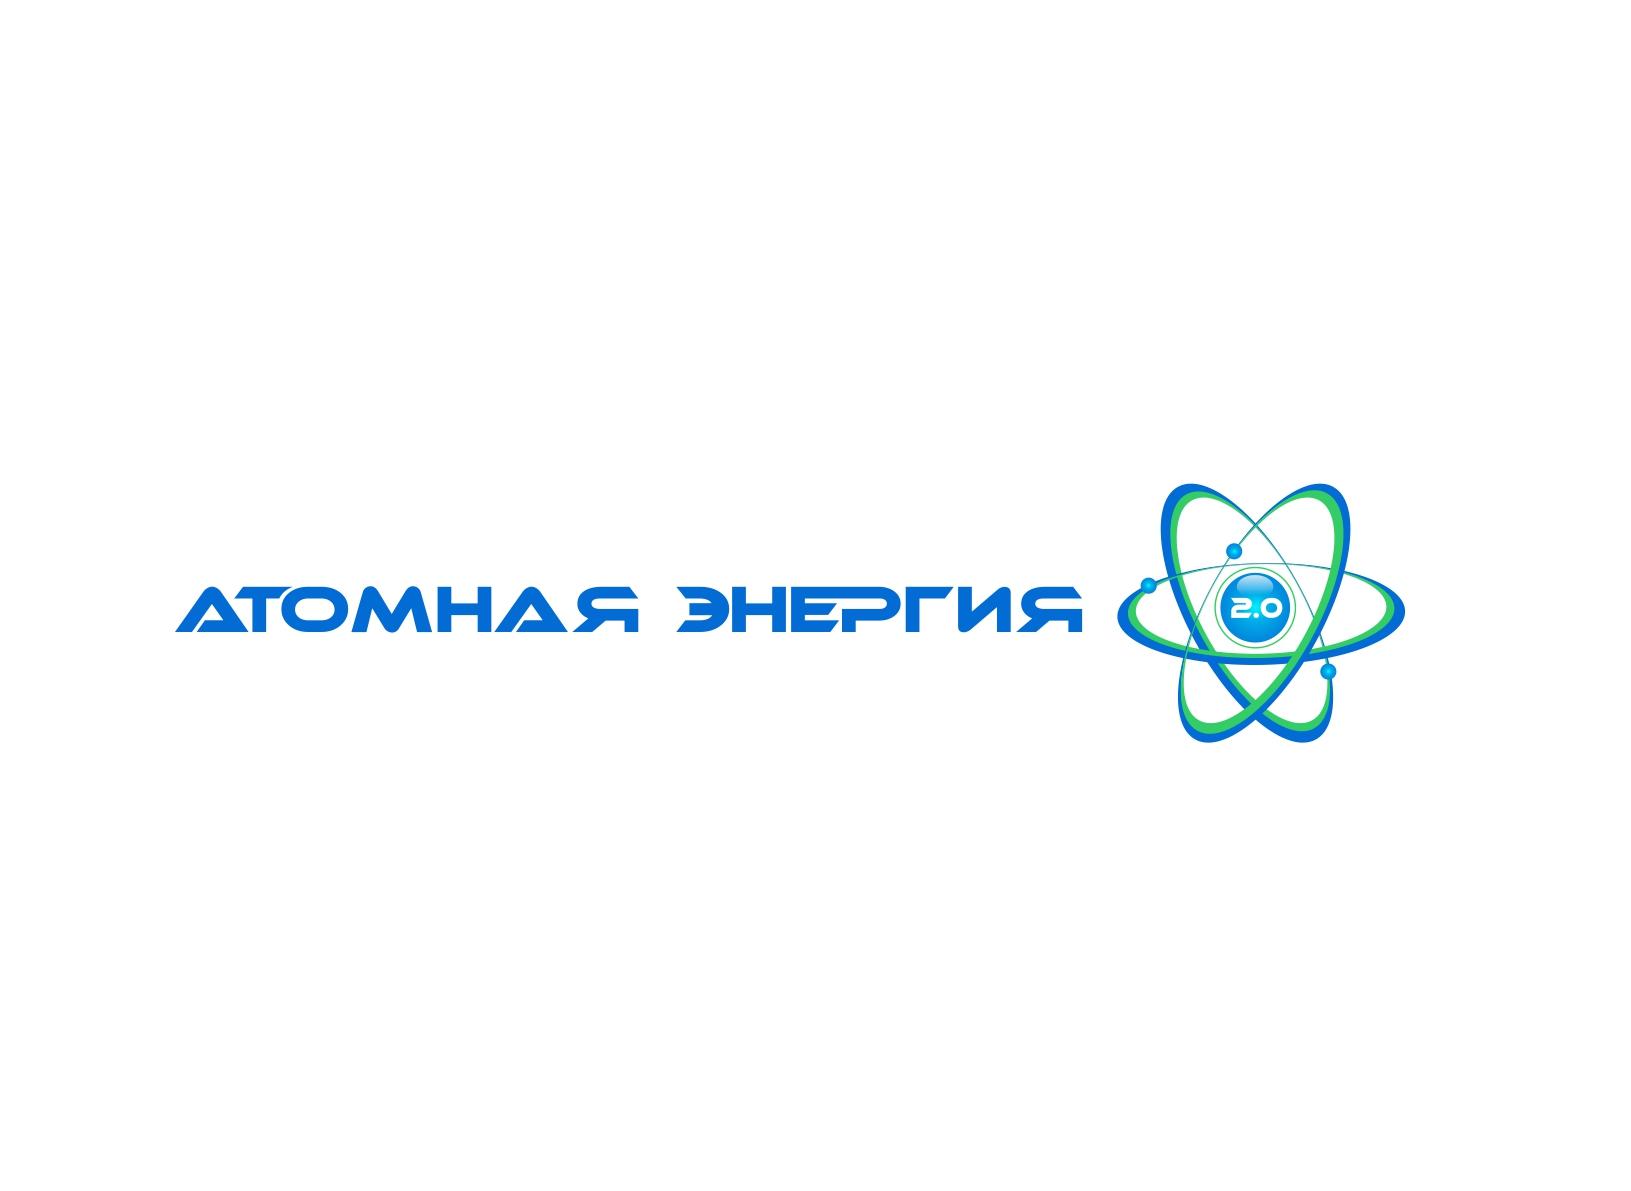 """Фирменный стиль для научного портала """"Атомная энергия 2.0"""" фото f_82159ddceea621a9.jpg"""